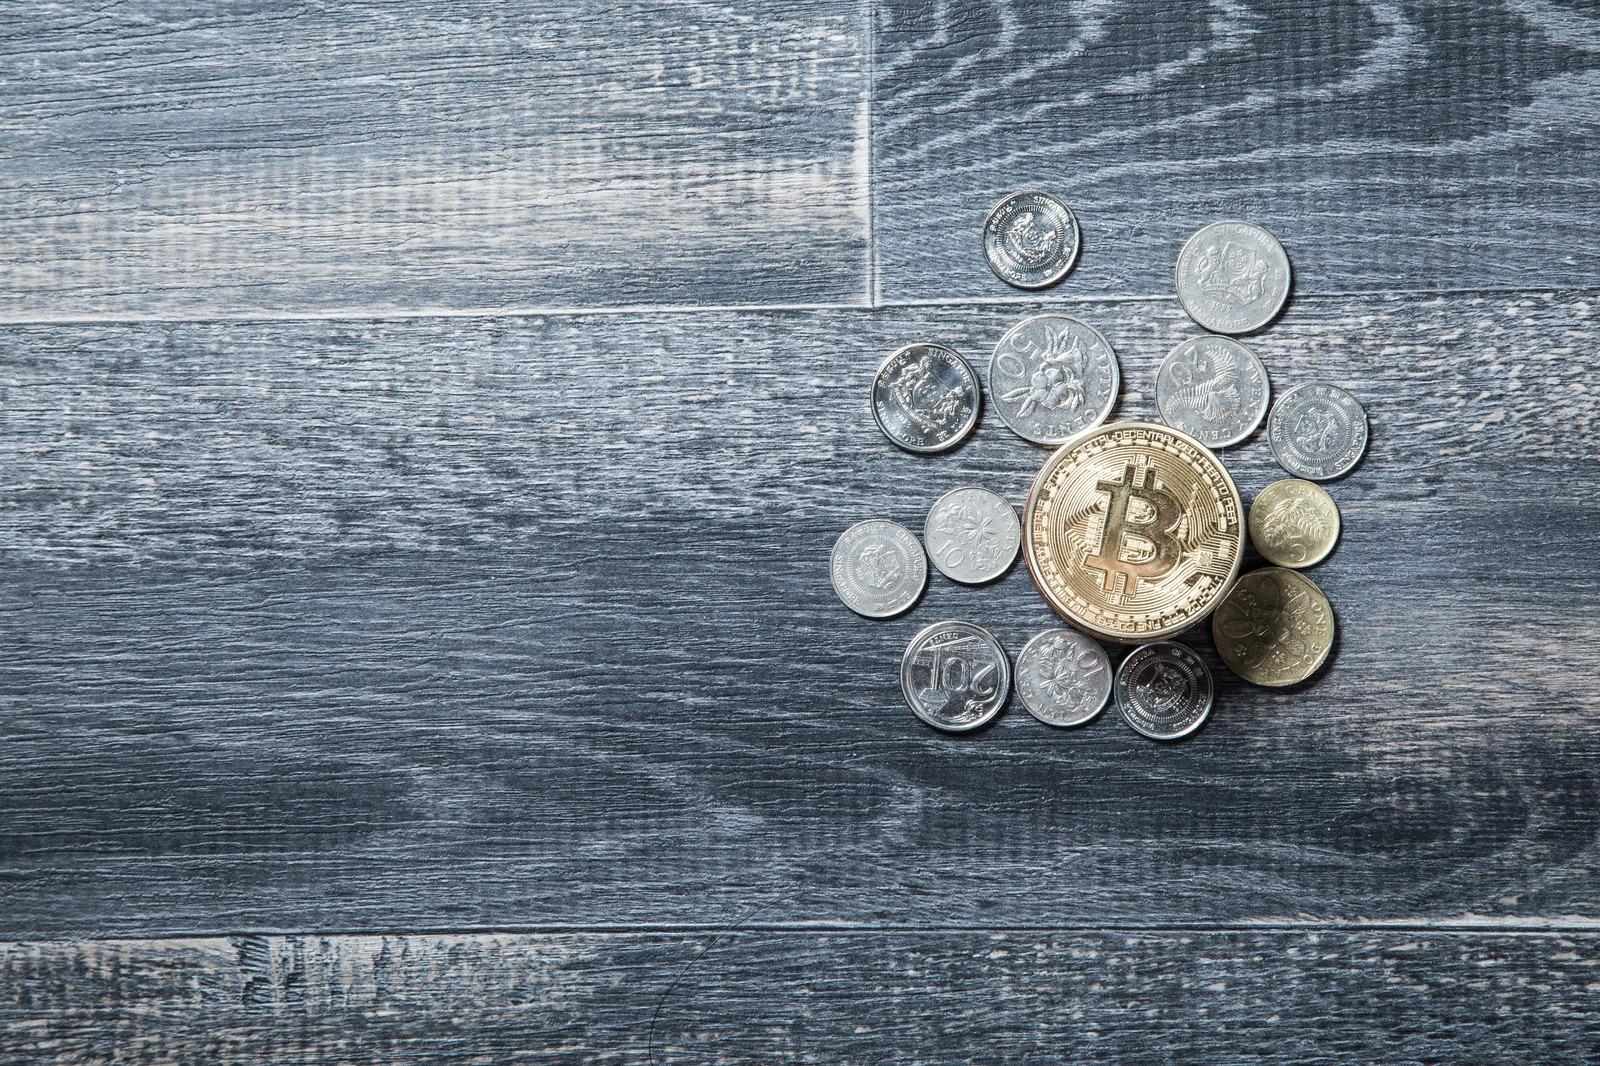 「仮想通貨とリアル通貨」の写真